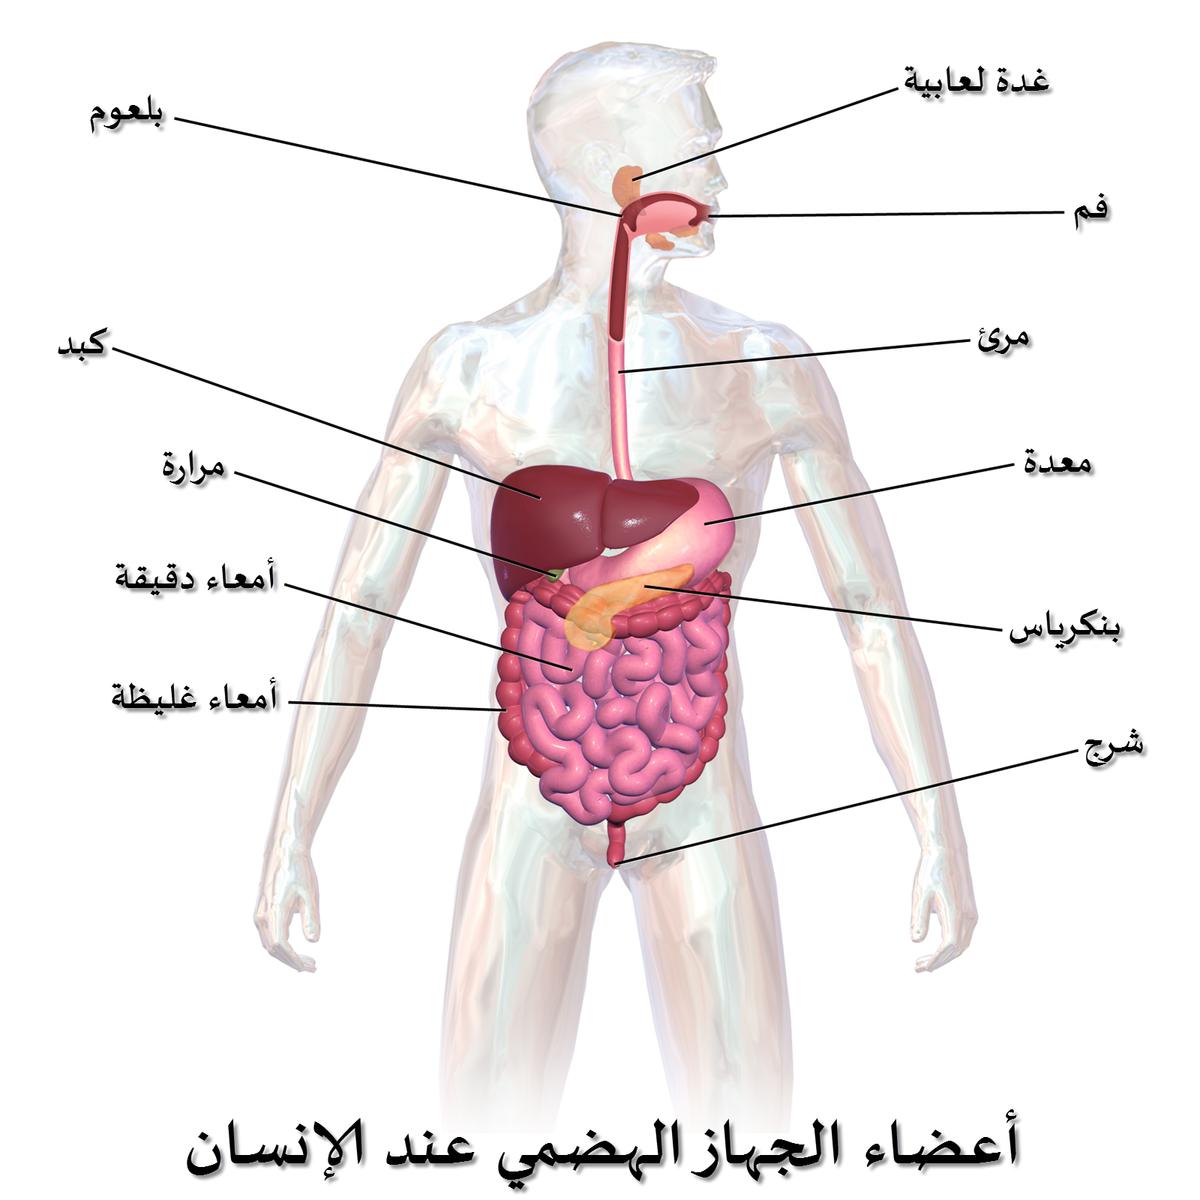 صورة جسم الانسان بالصور , اعضاء الجسم للانسان